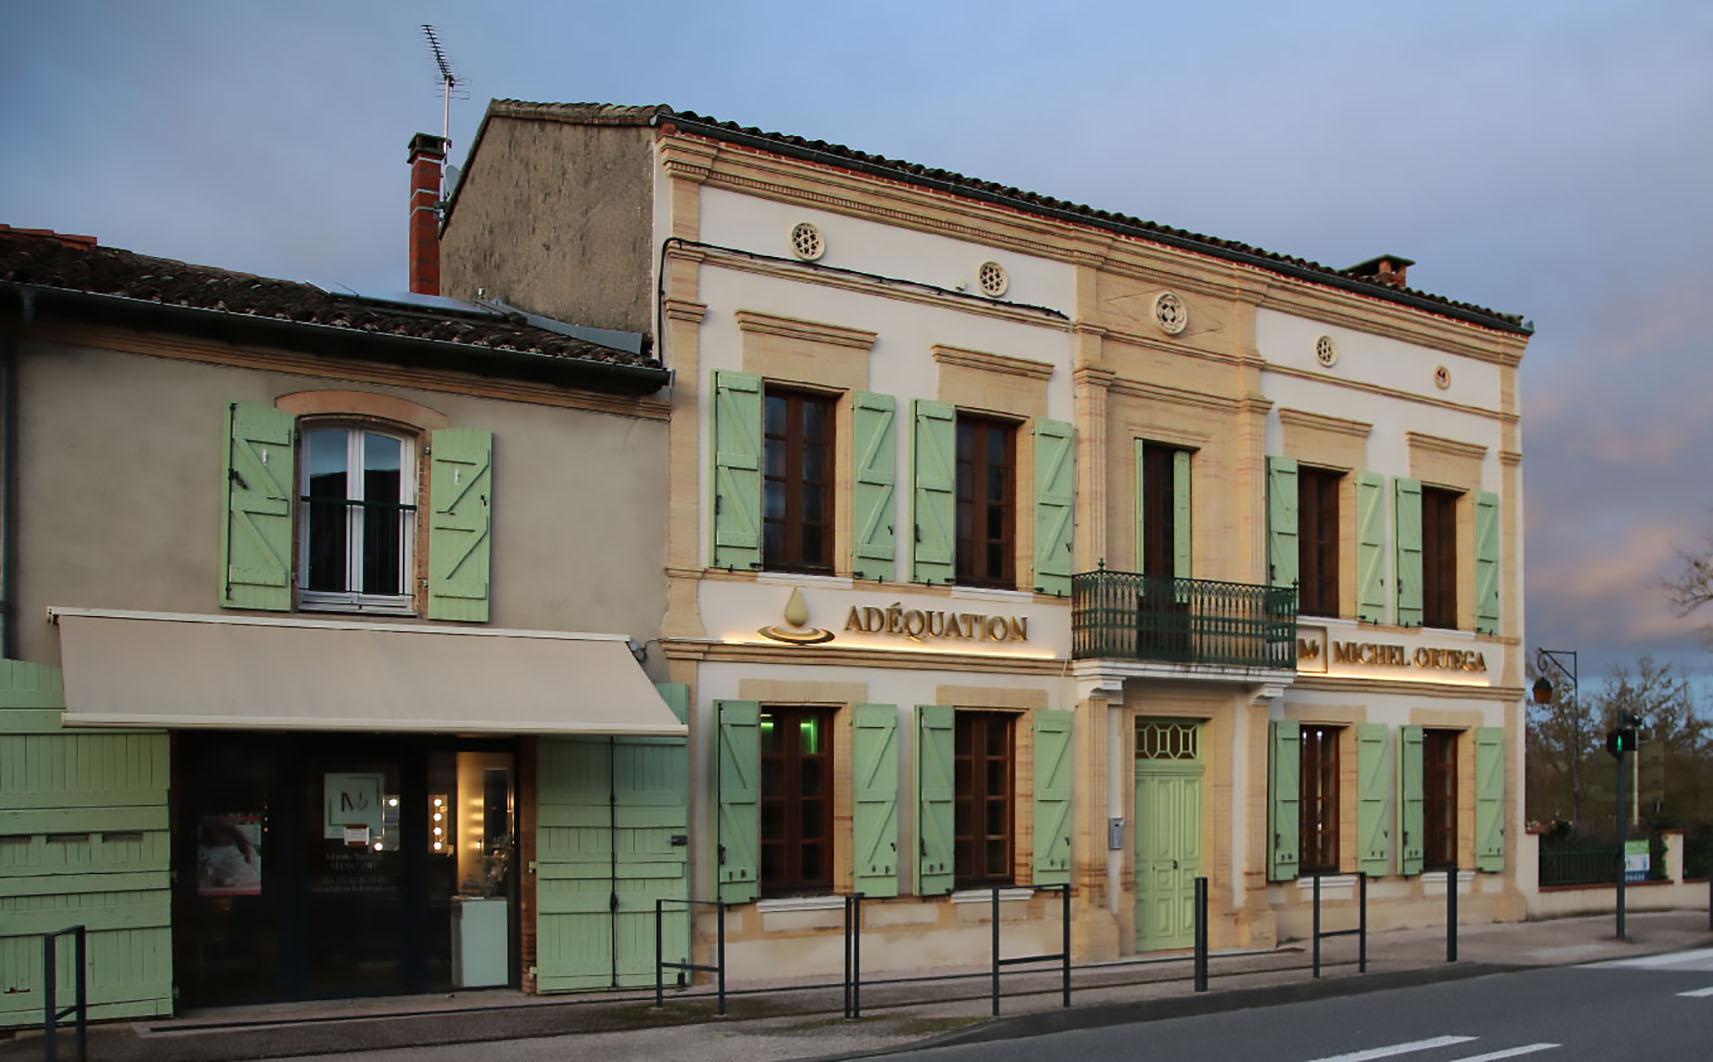 Adequation Montrabé centre de soin beauté et santé près de Toulouse